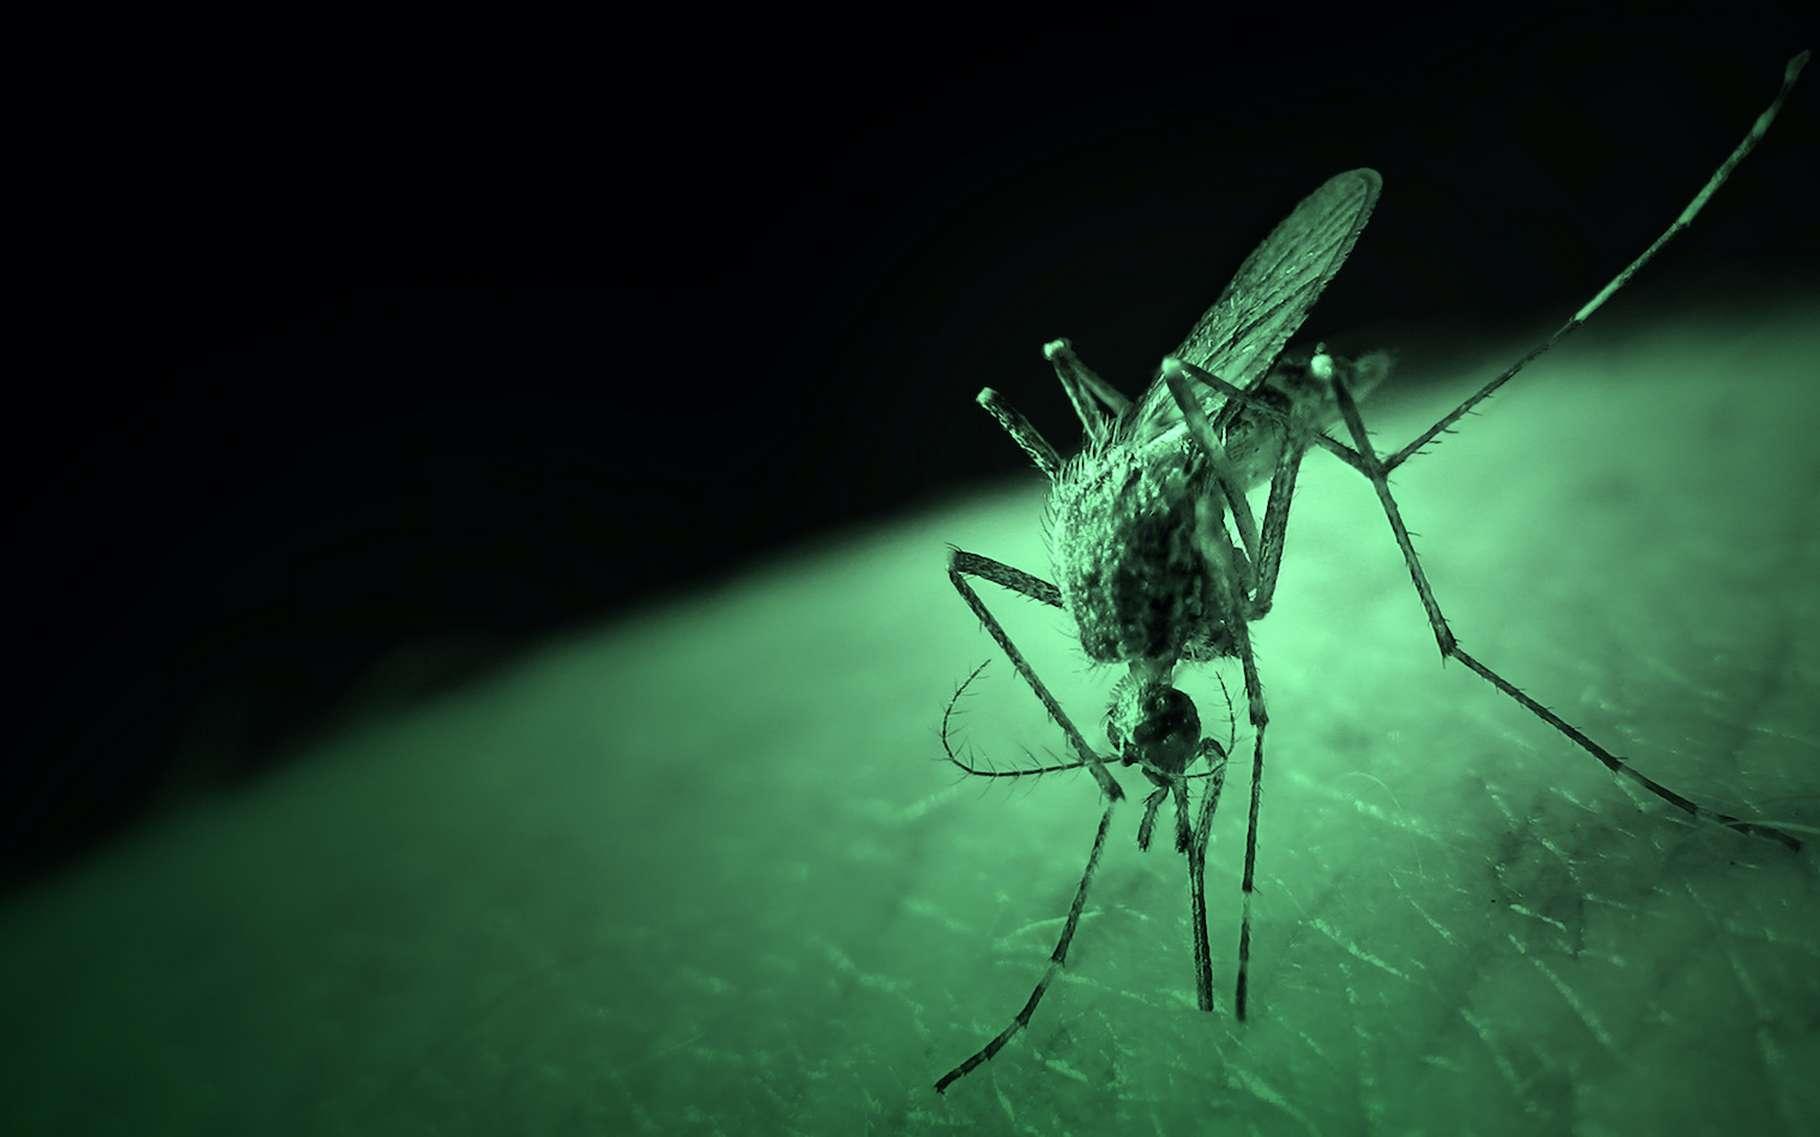 Des chercheurs de l'université de Californie à Irvine (États-Unis) montrent que les moustiques sont spécifiquement attirés ou repoussés par certaines couleurs en fonction de leur espèce et du moment de la journée. © Gregor Buir, Adobe Stock